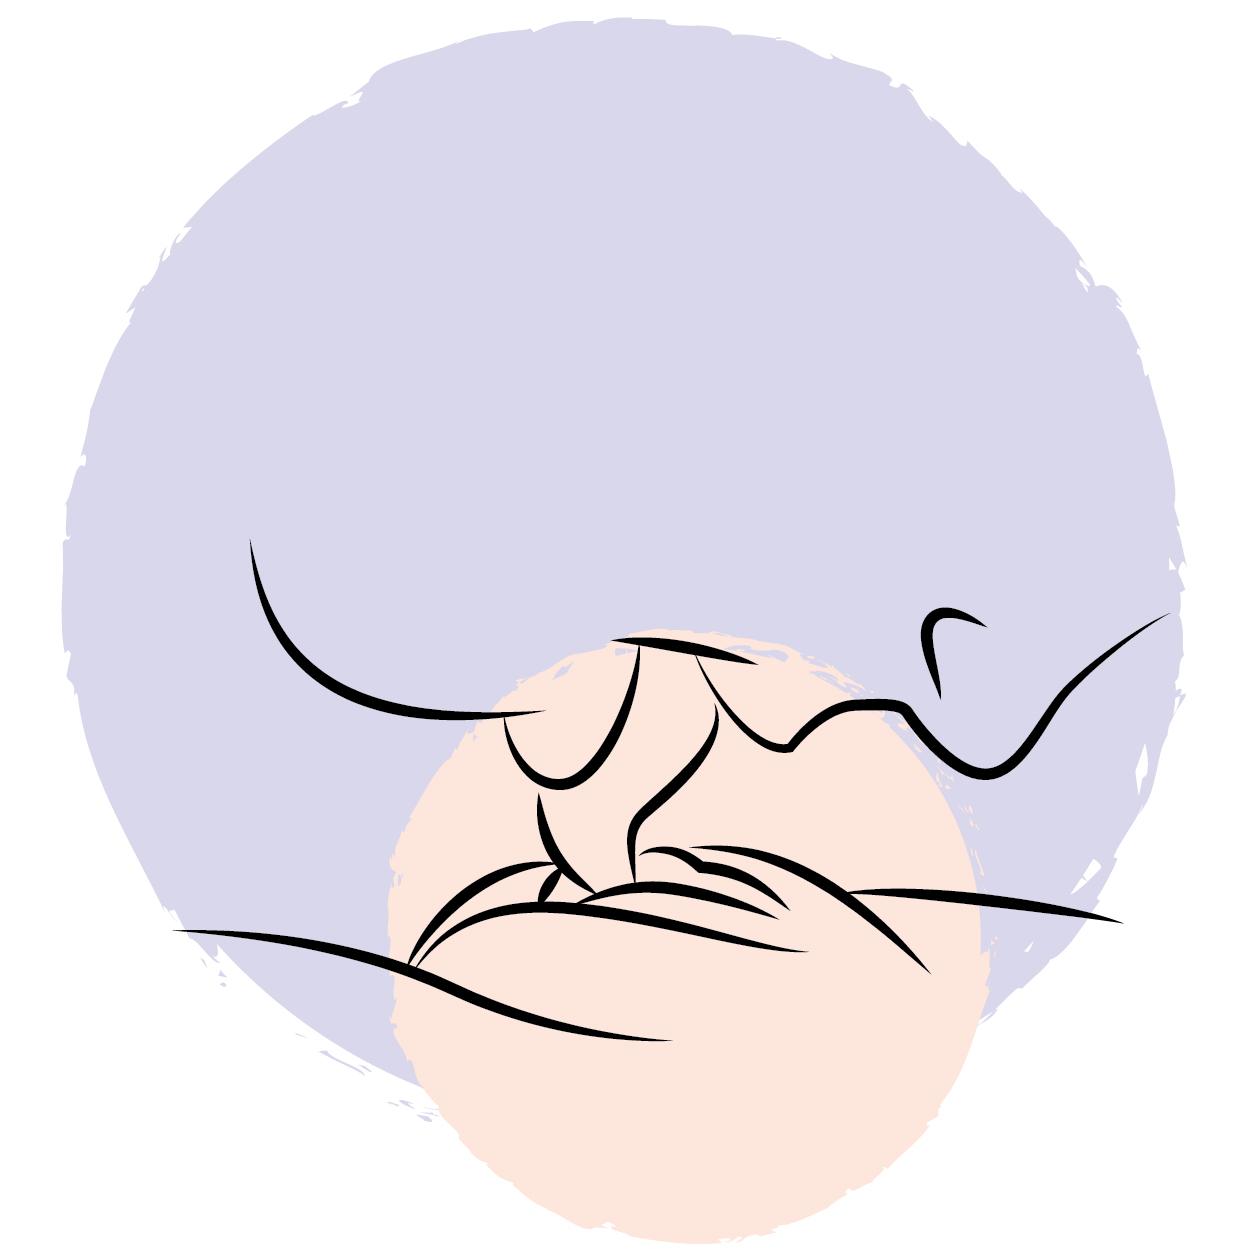 Oralsex-Techniken bei Frauen - So bringst Du sie mit Deiner Zunge zum Kommen